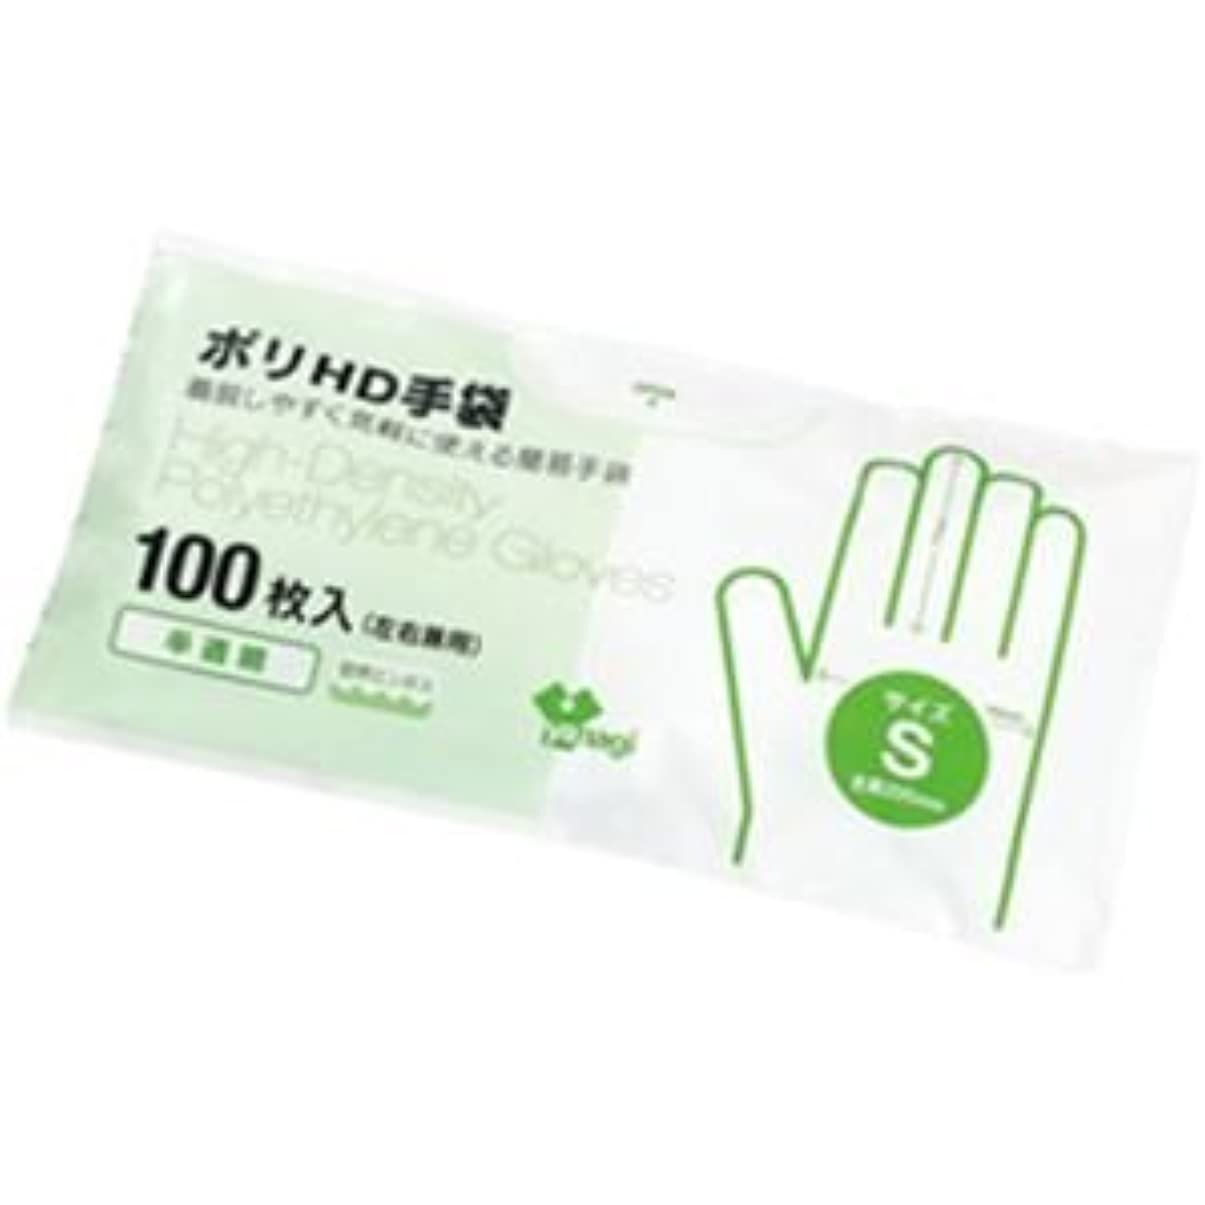 思春期の建築ボルトやなぎプロダクツ 高密度ポリエチレン手袋 S 半透明 1箱(100枚) ×30セット